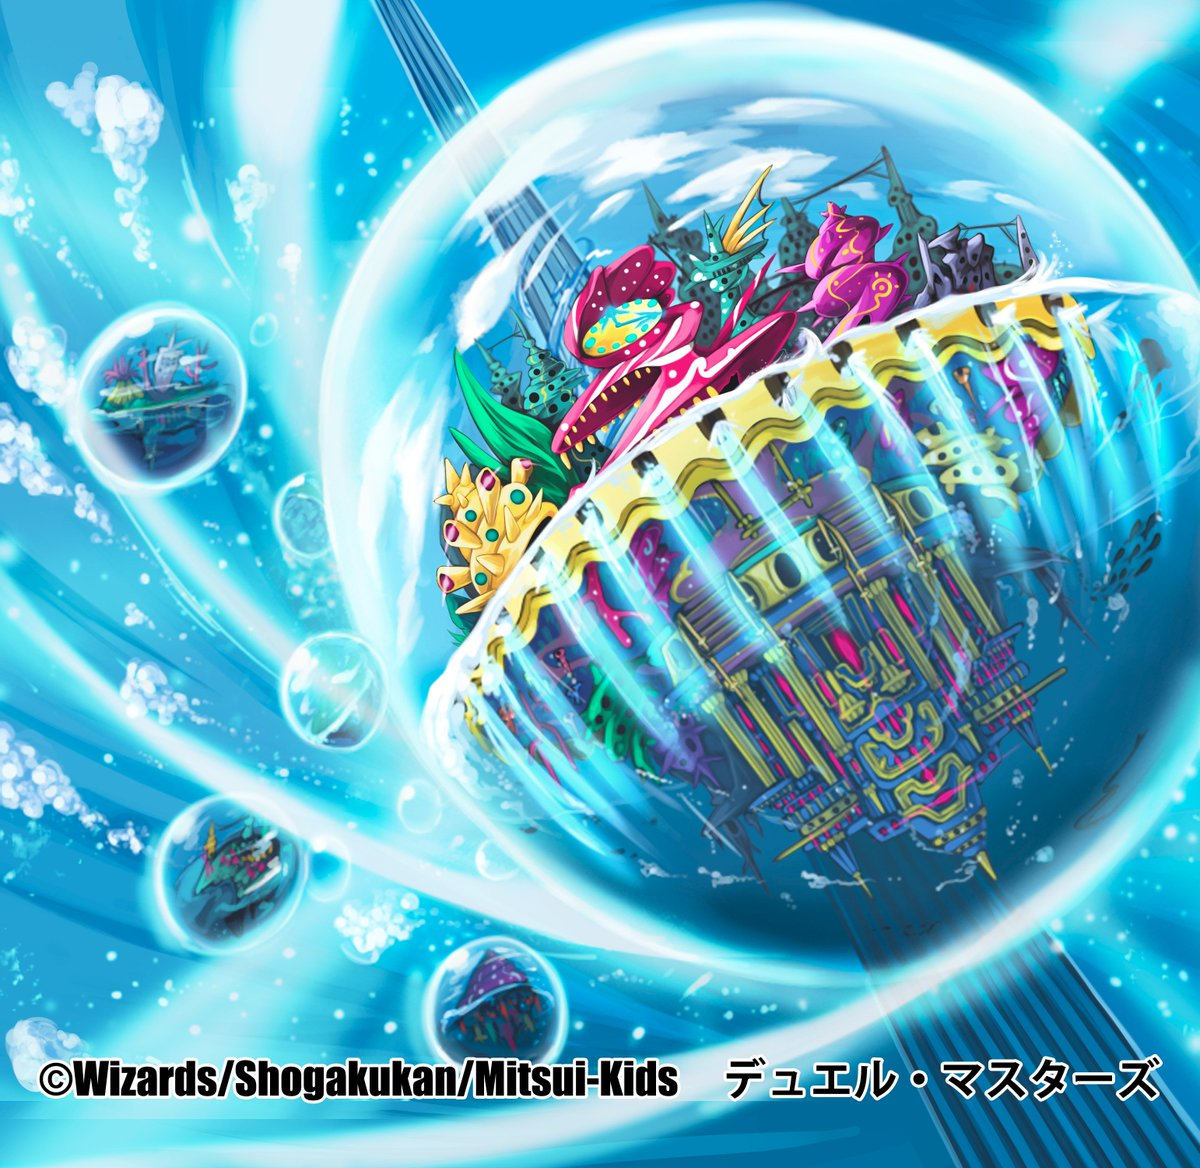 【お仕事】本日発売のデュエル・マスターズ新3弾『気分J・O・E×2メラ冒険!!』にて「泡星都市バブラブル」を描かせていた